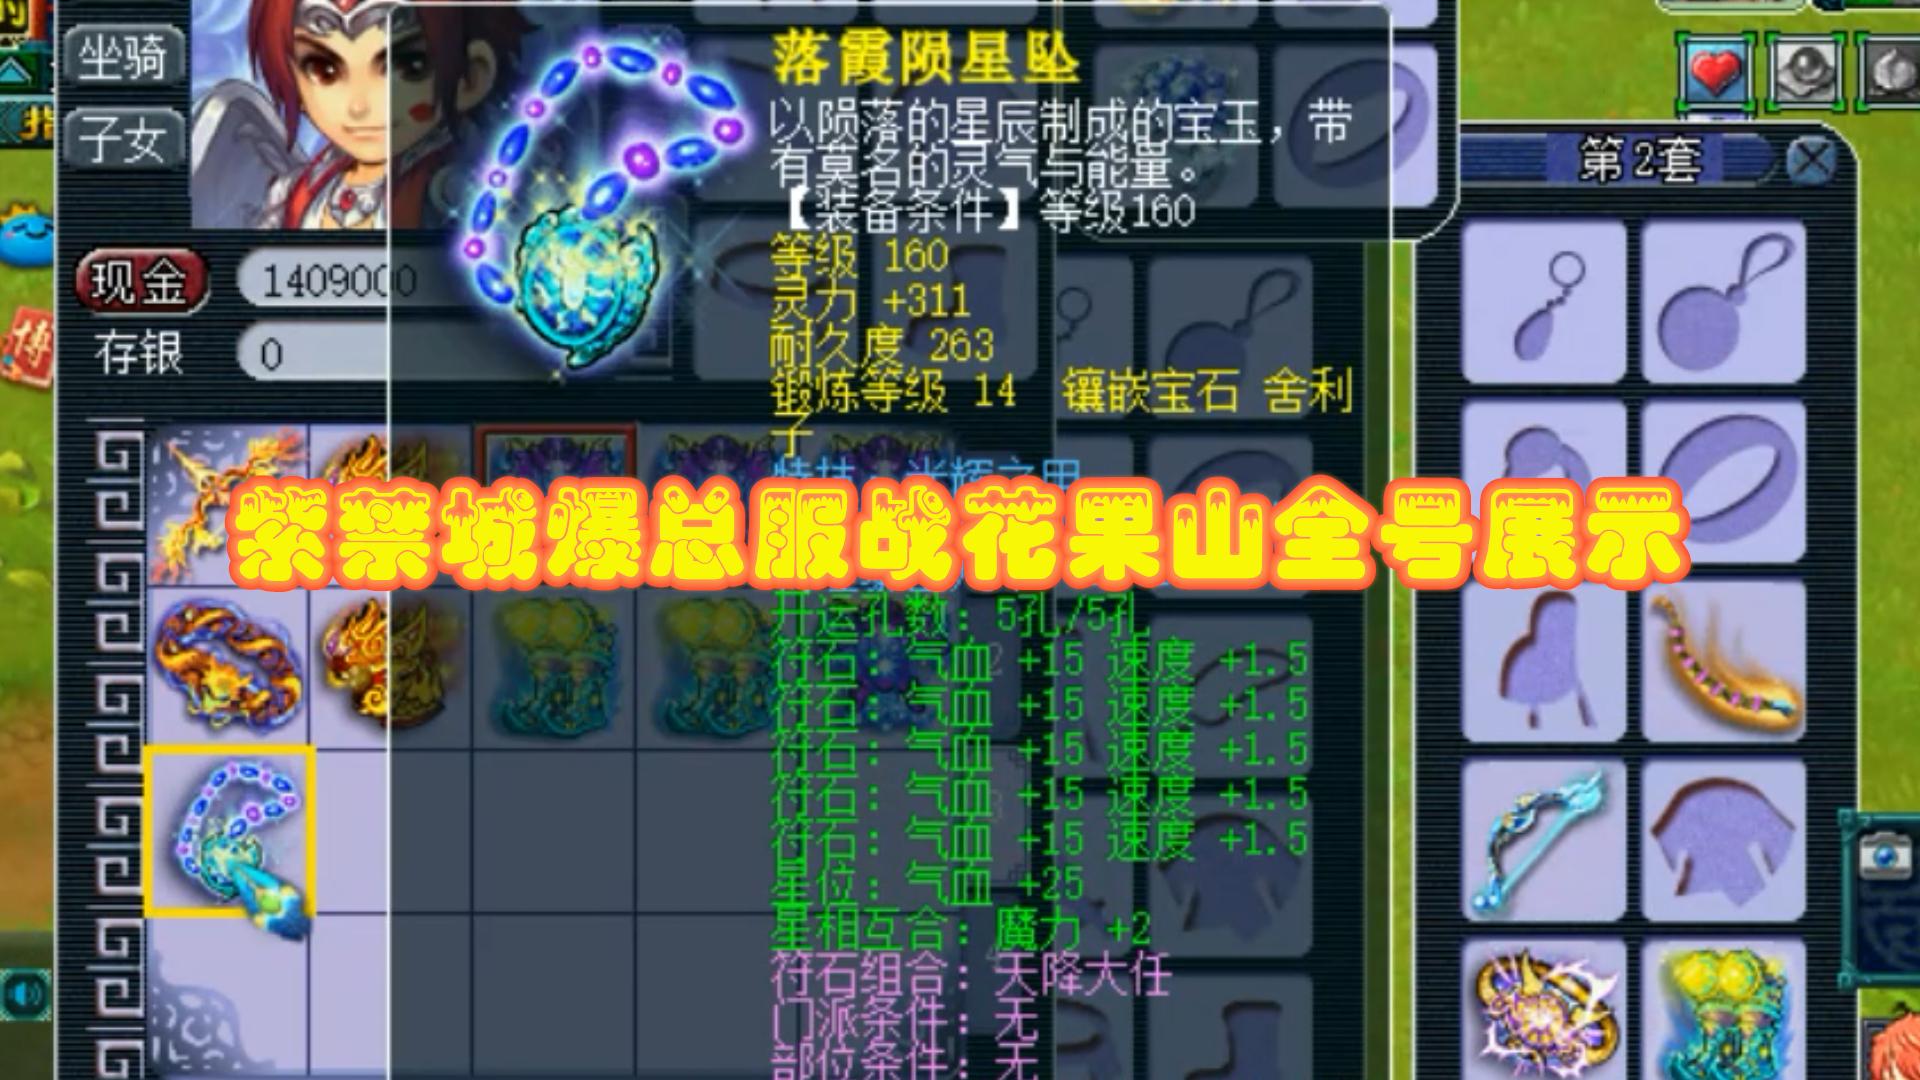 梦幻西游:紫禁城爆总服战花果山号退役,全号展示,这号也有瑕疵